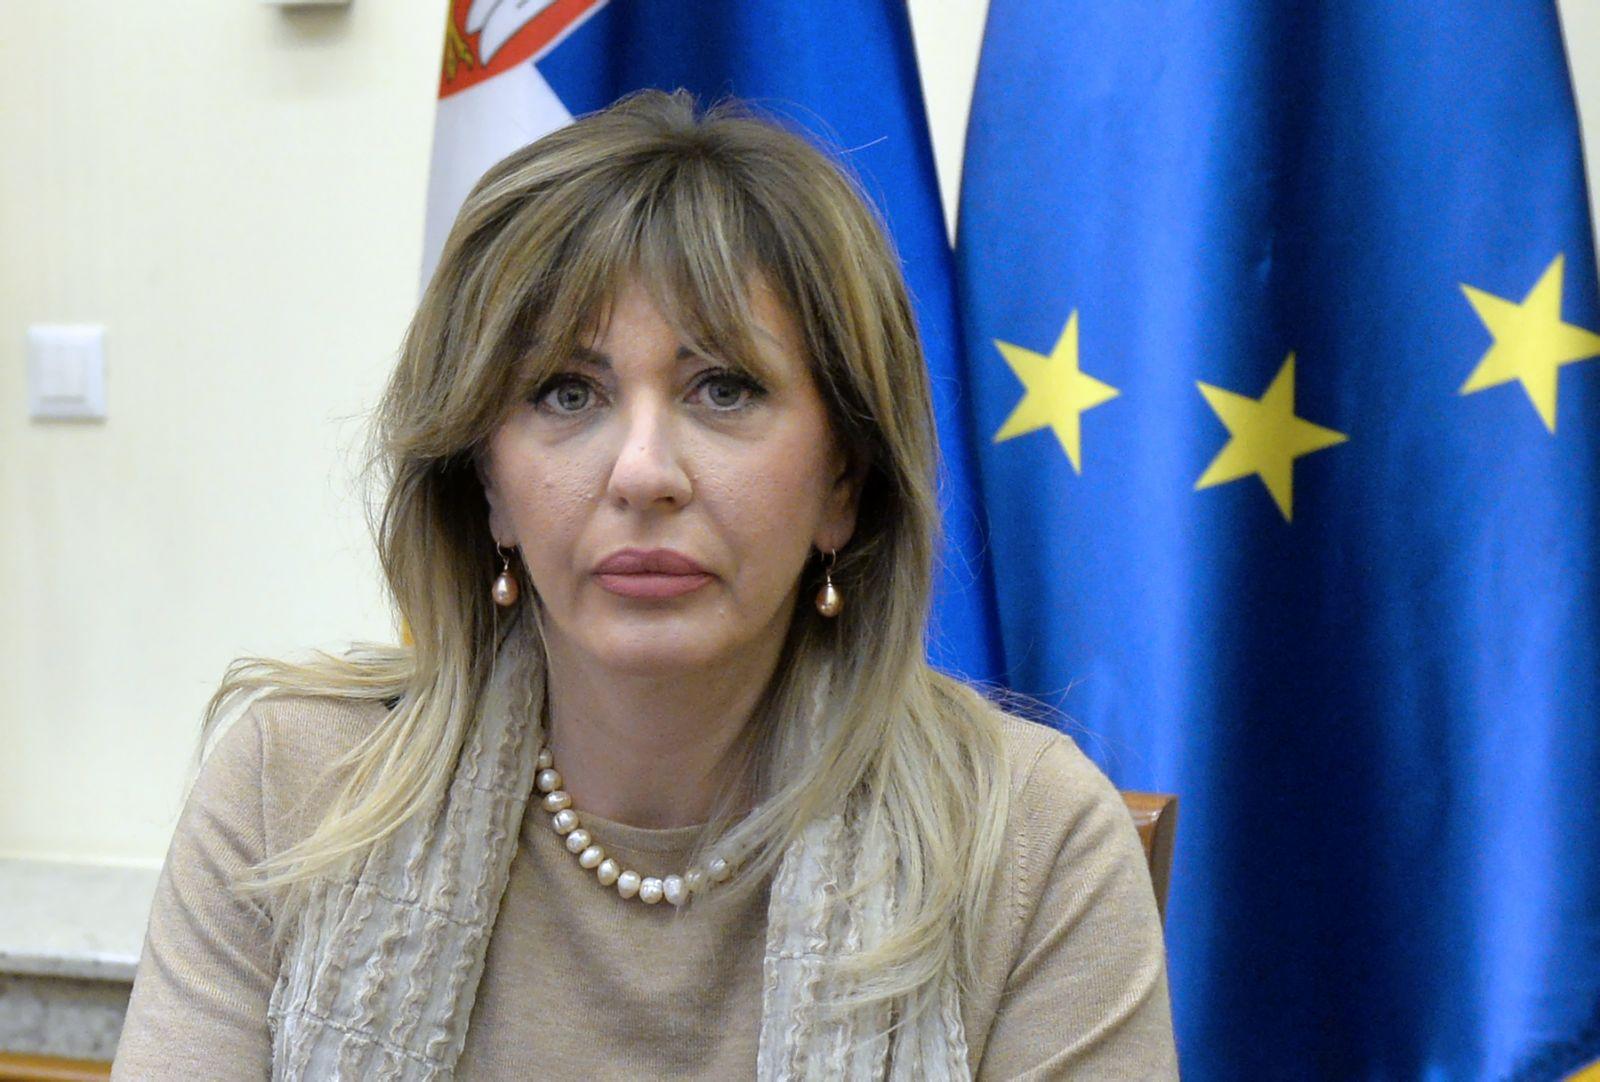 Ј. Јоксимовић: Процес проширења трпео, требало би да буде ревитализован